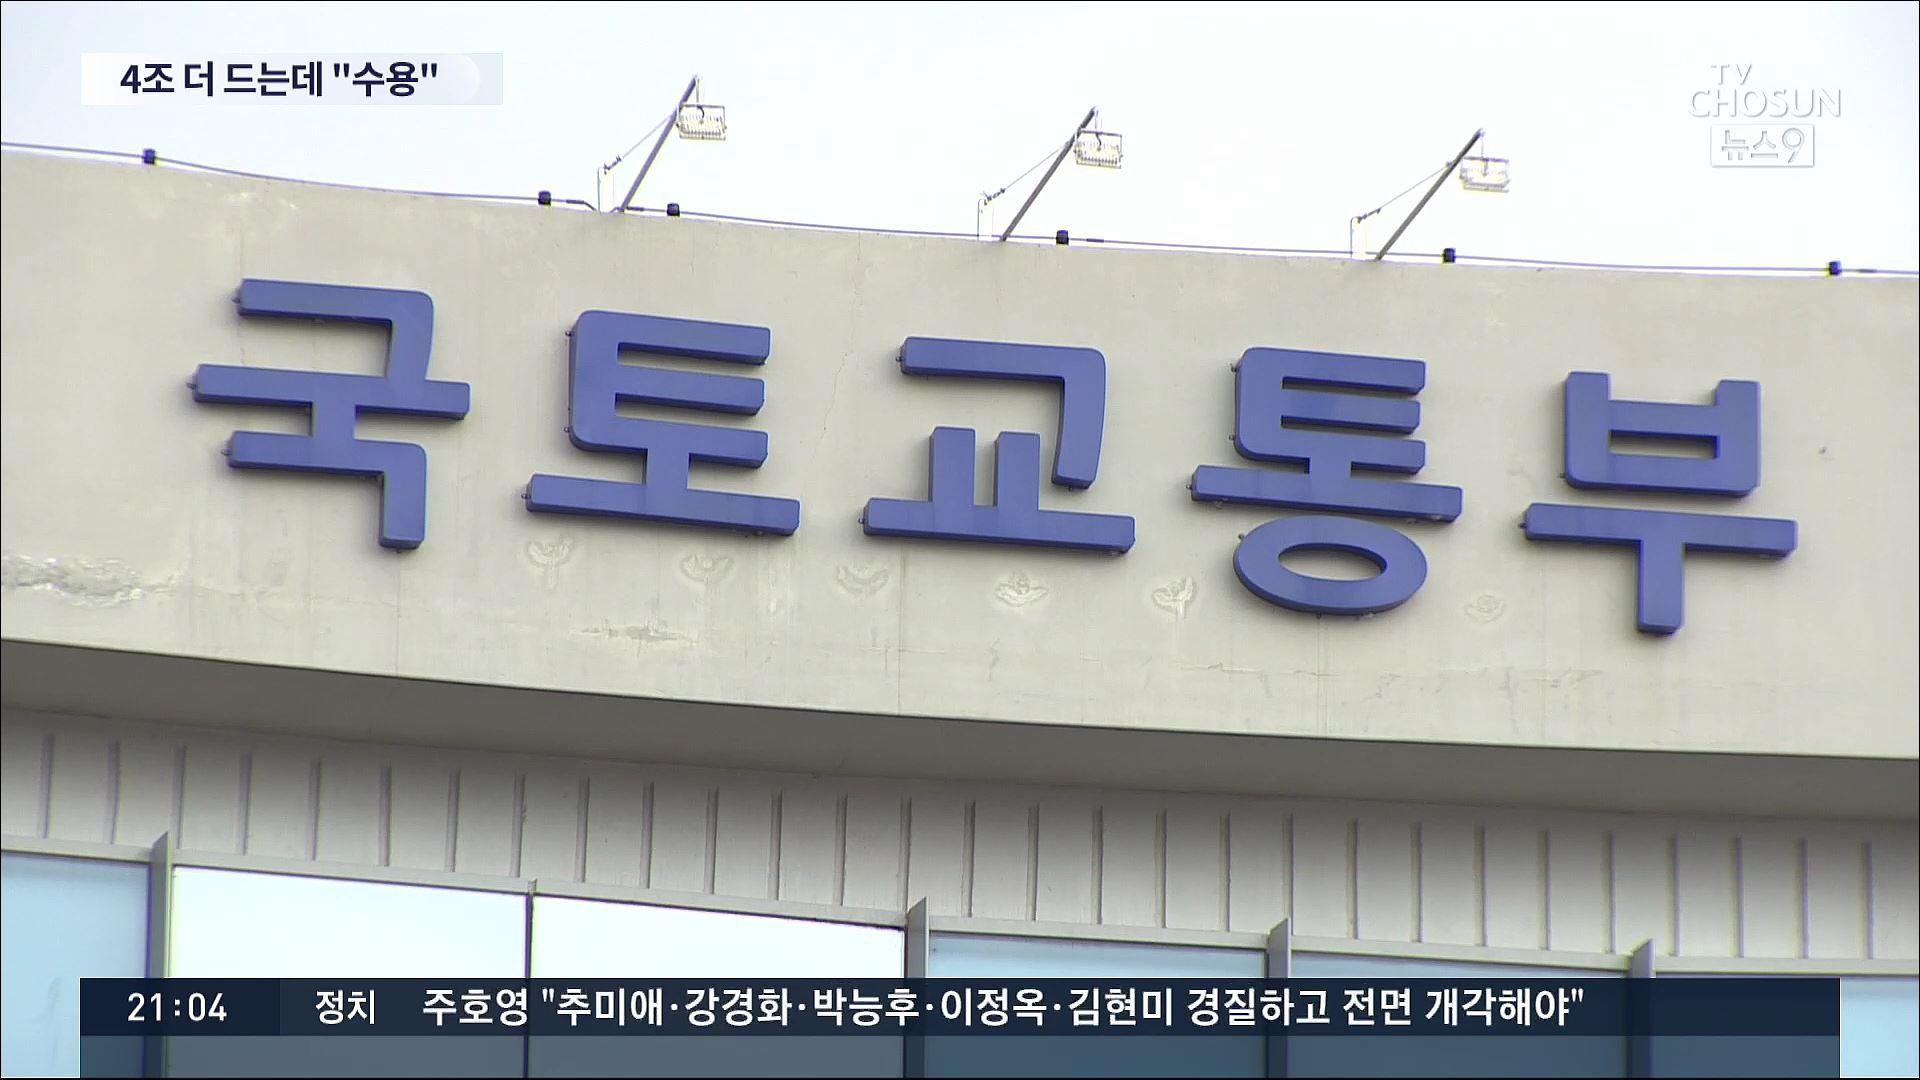 '김해신공항이 최적'이라던 국토부, 뒤집힌 결정에 난감